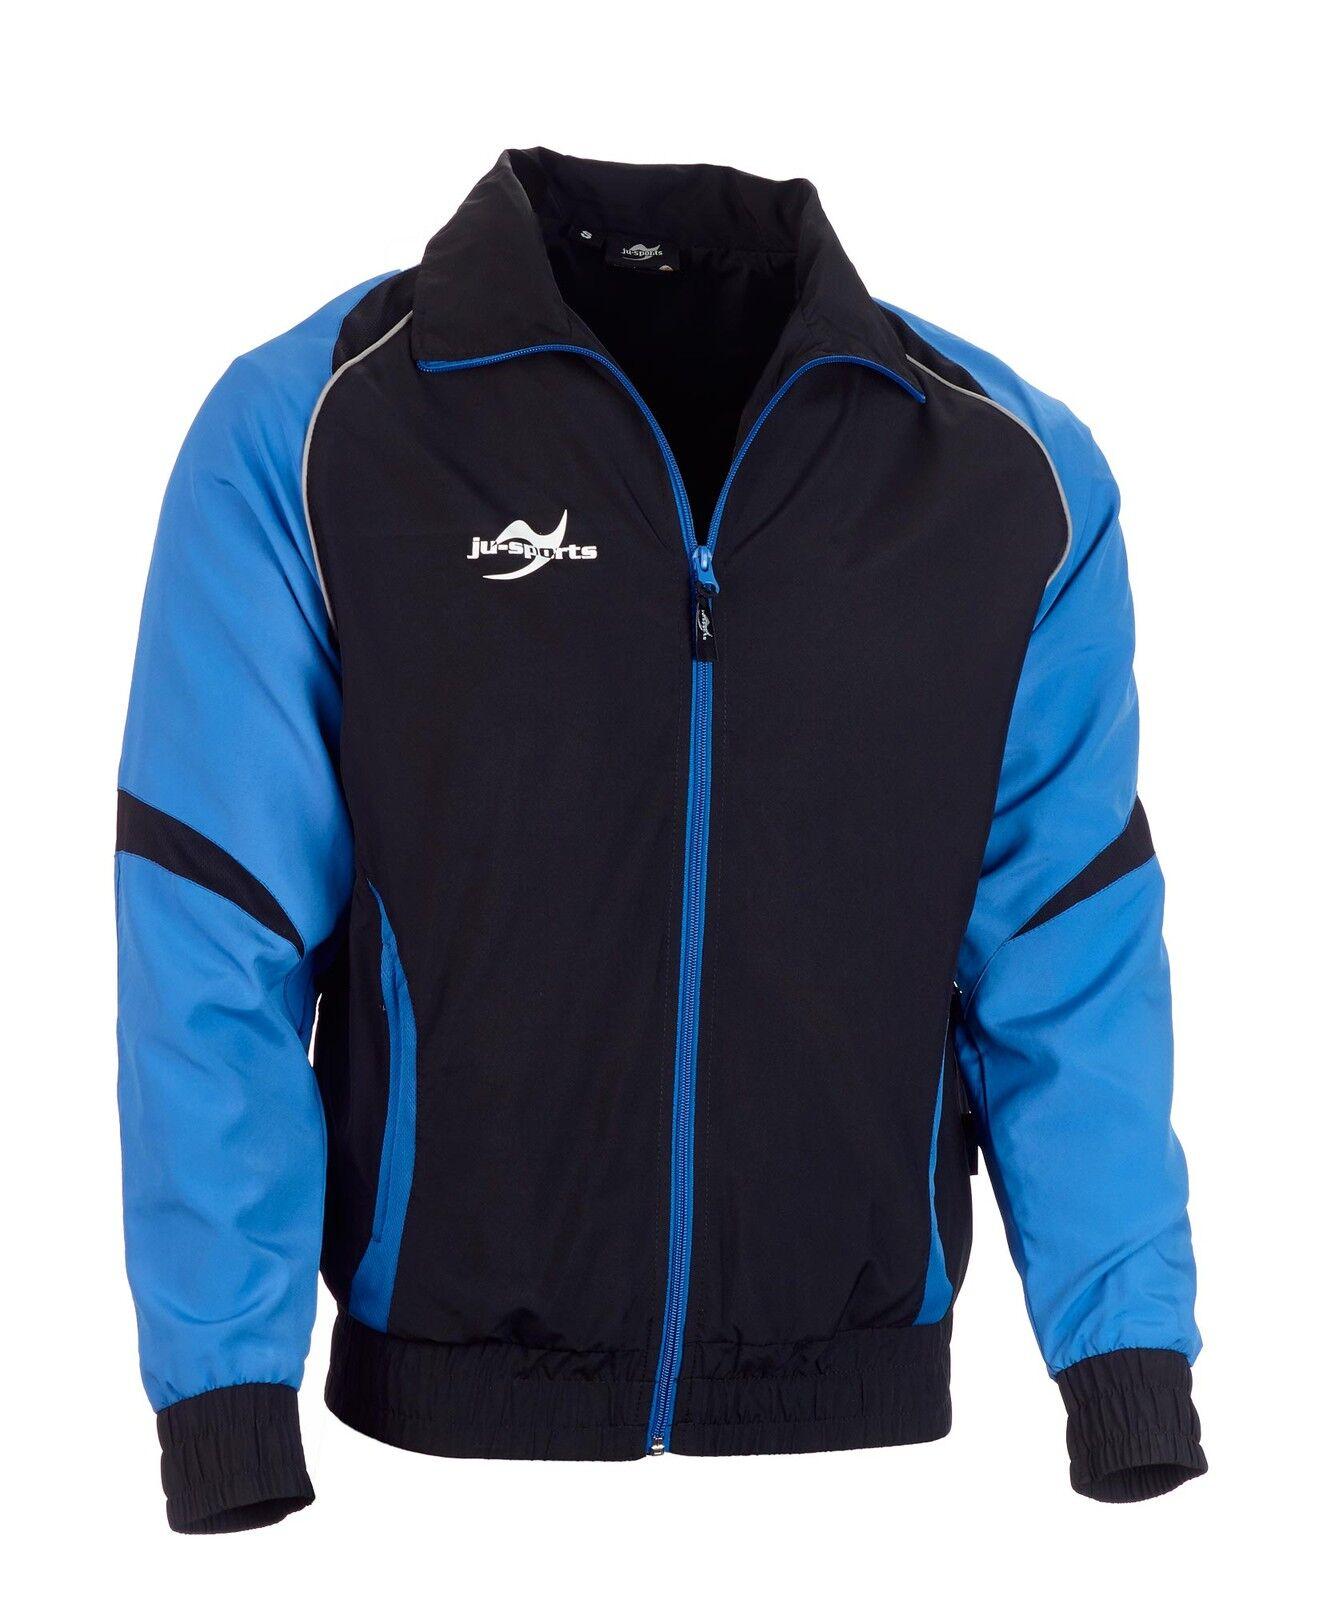 Ju-Deportes Teamwear elemento c2 chaqueta negro azul equipo chaqueta Wear